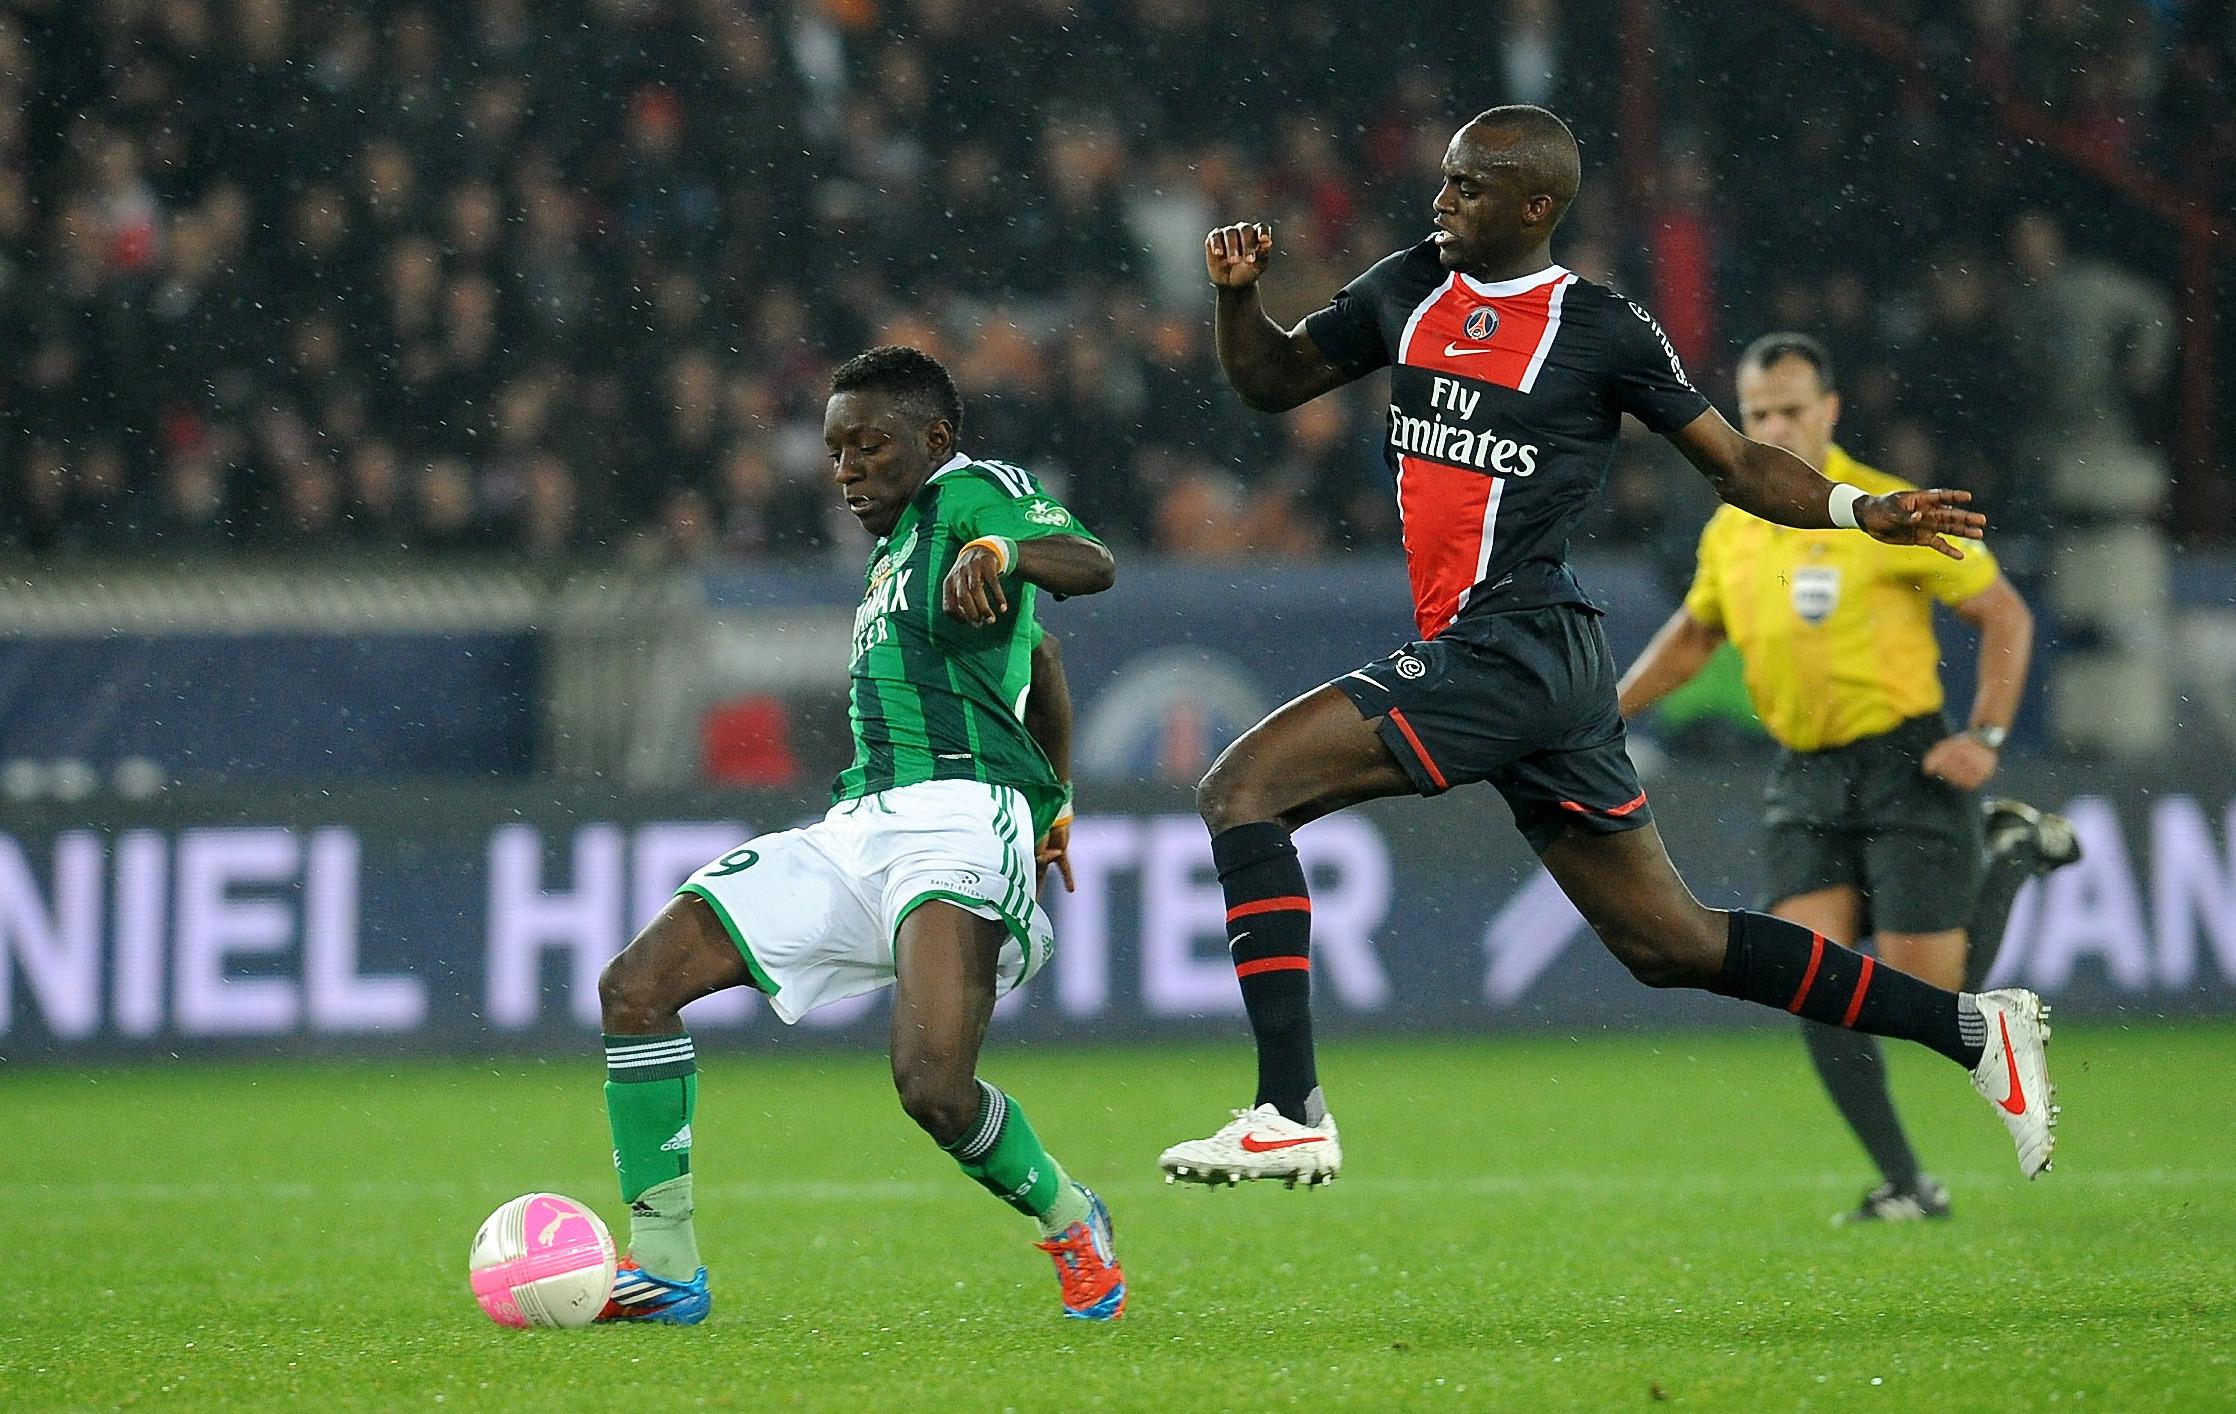 Saint etienne psg en quarts coupe de la ligue football - Resultat psg st etienne coupe de la ligue ...